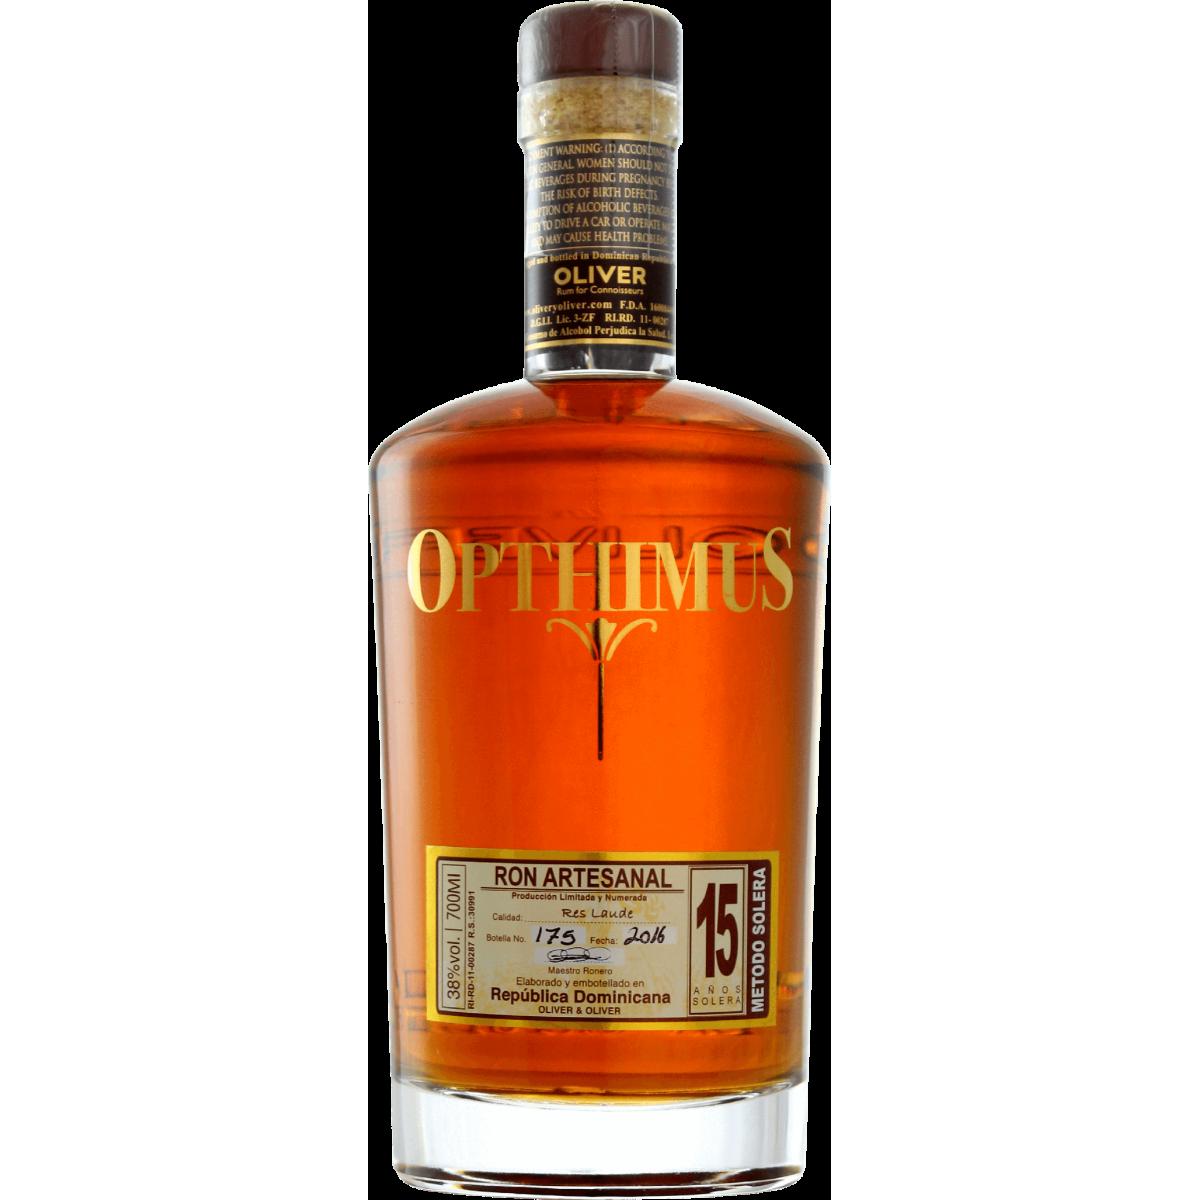 Opthimus 15 ans Rhum 38%